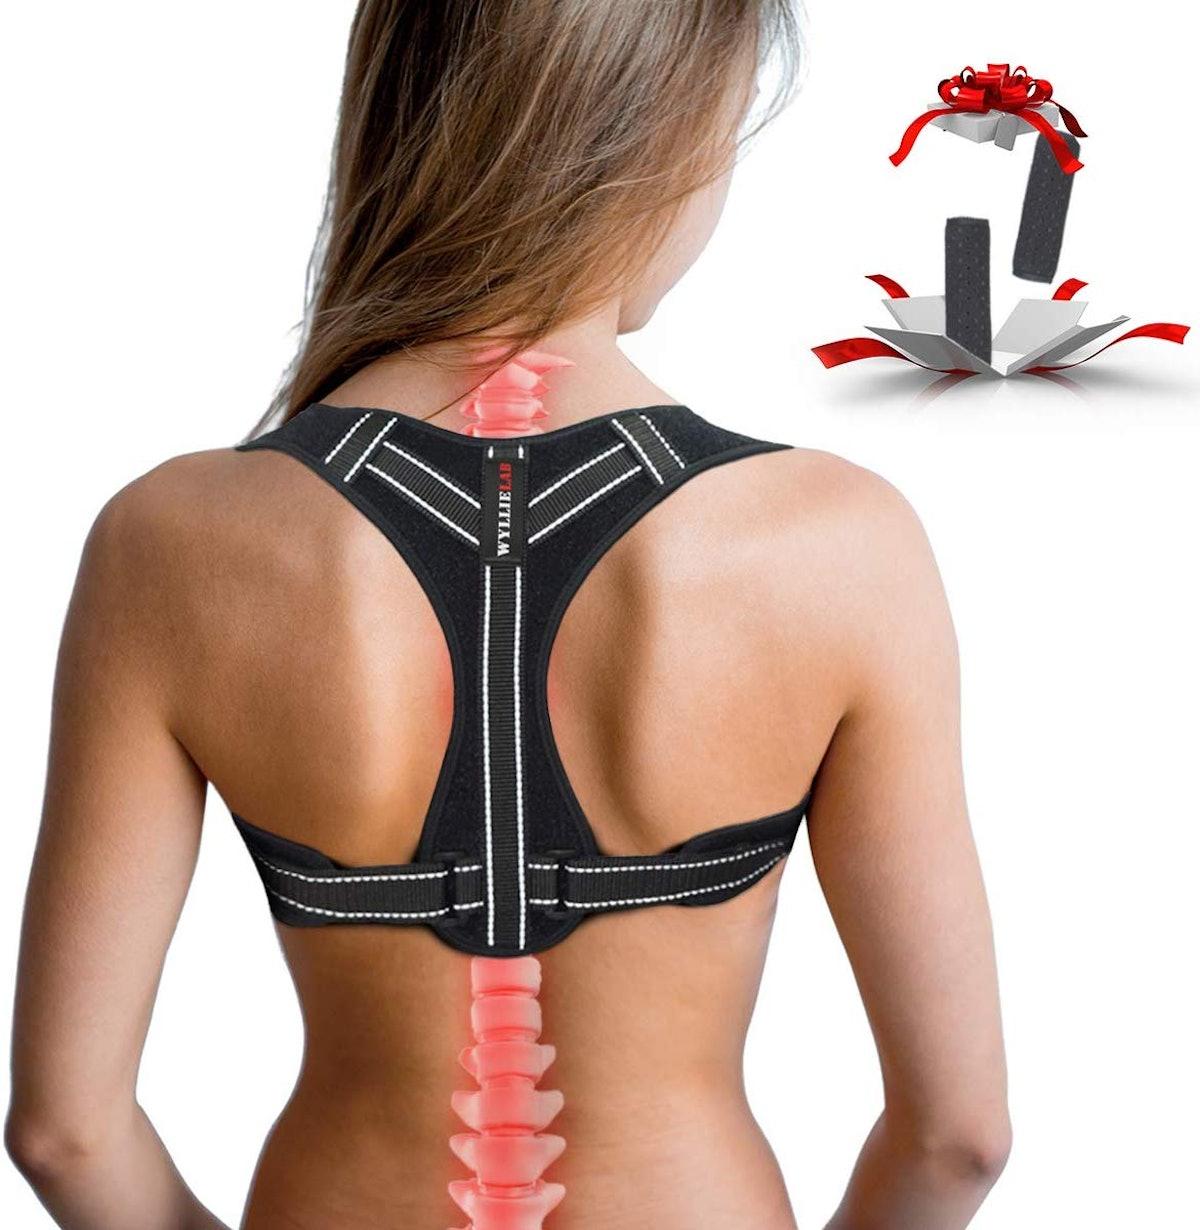 WYLLIELAB Posture Corrector